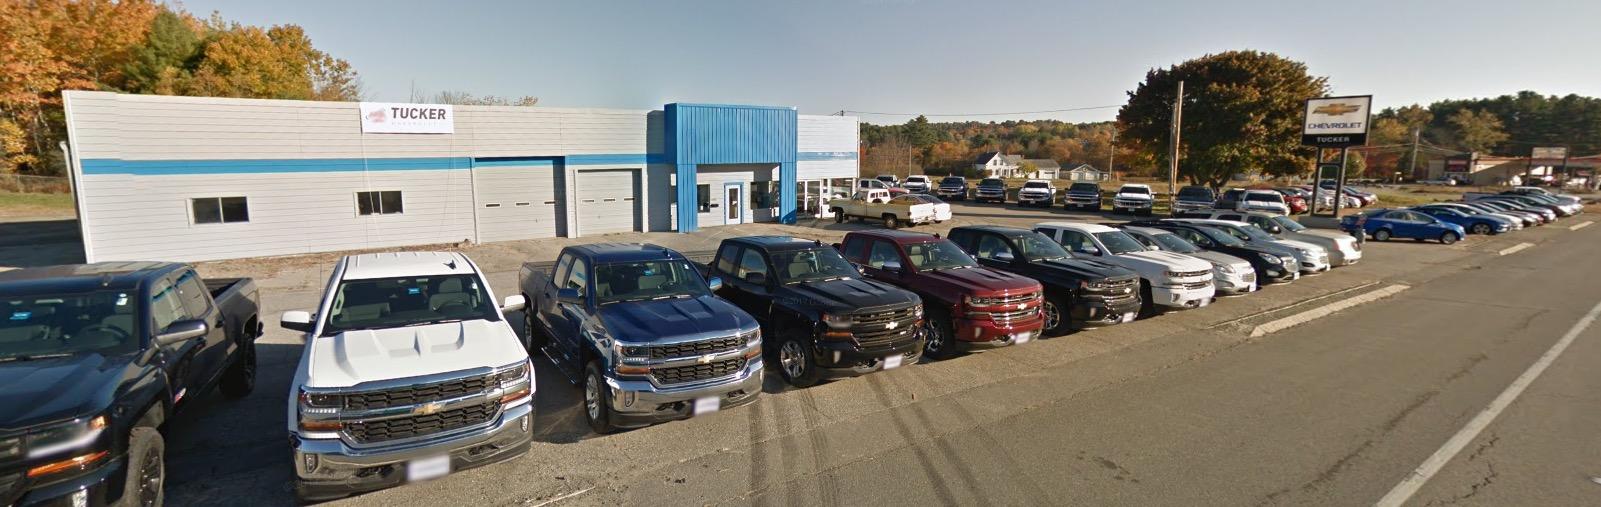 Tucker Chevrolet Maine